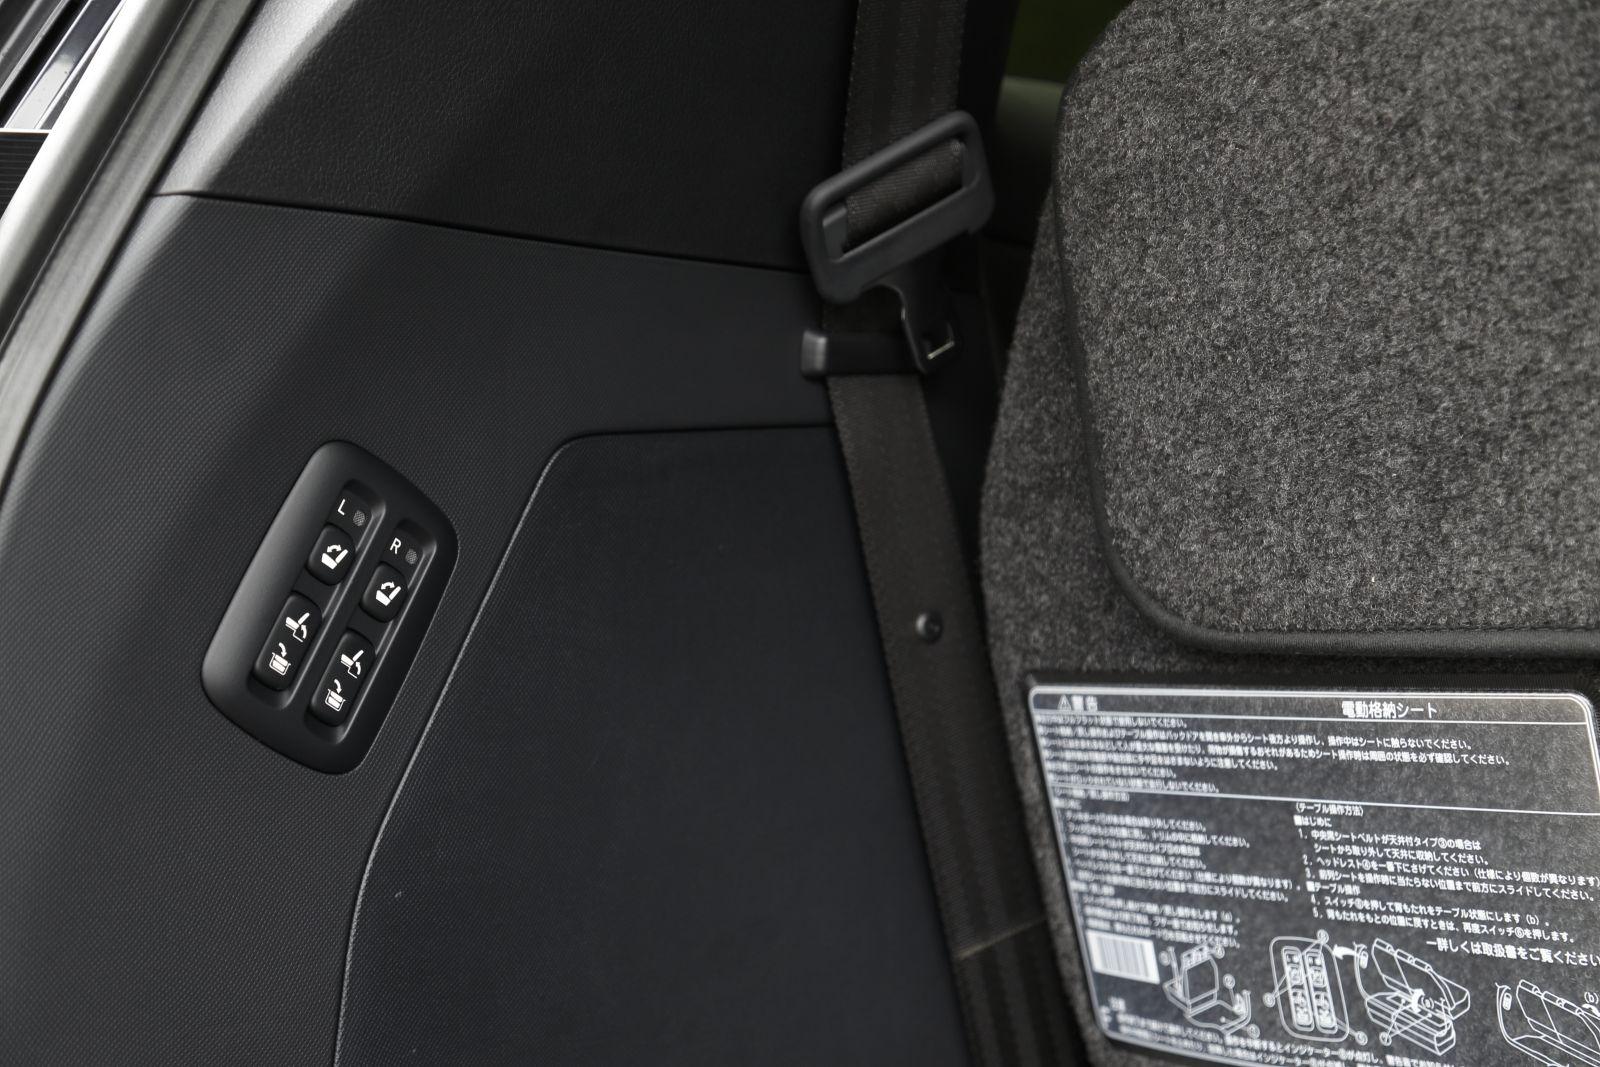 ▲3列目シートの出し入れは、ボタン1つで操作が可能。子供を抱えたままでも操作ができるのは嬉しい機能